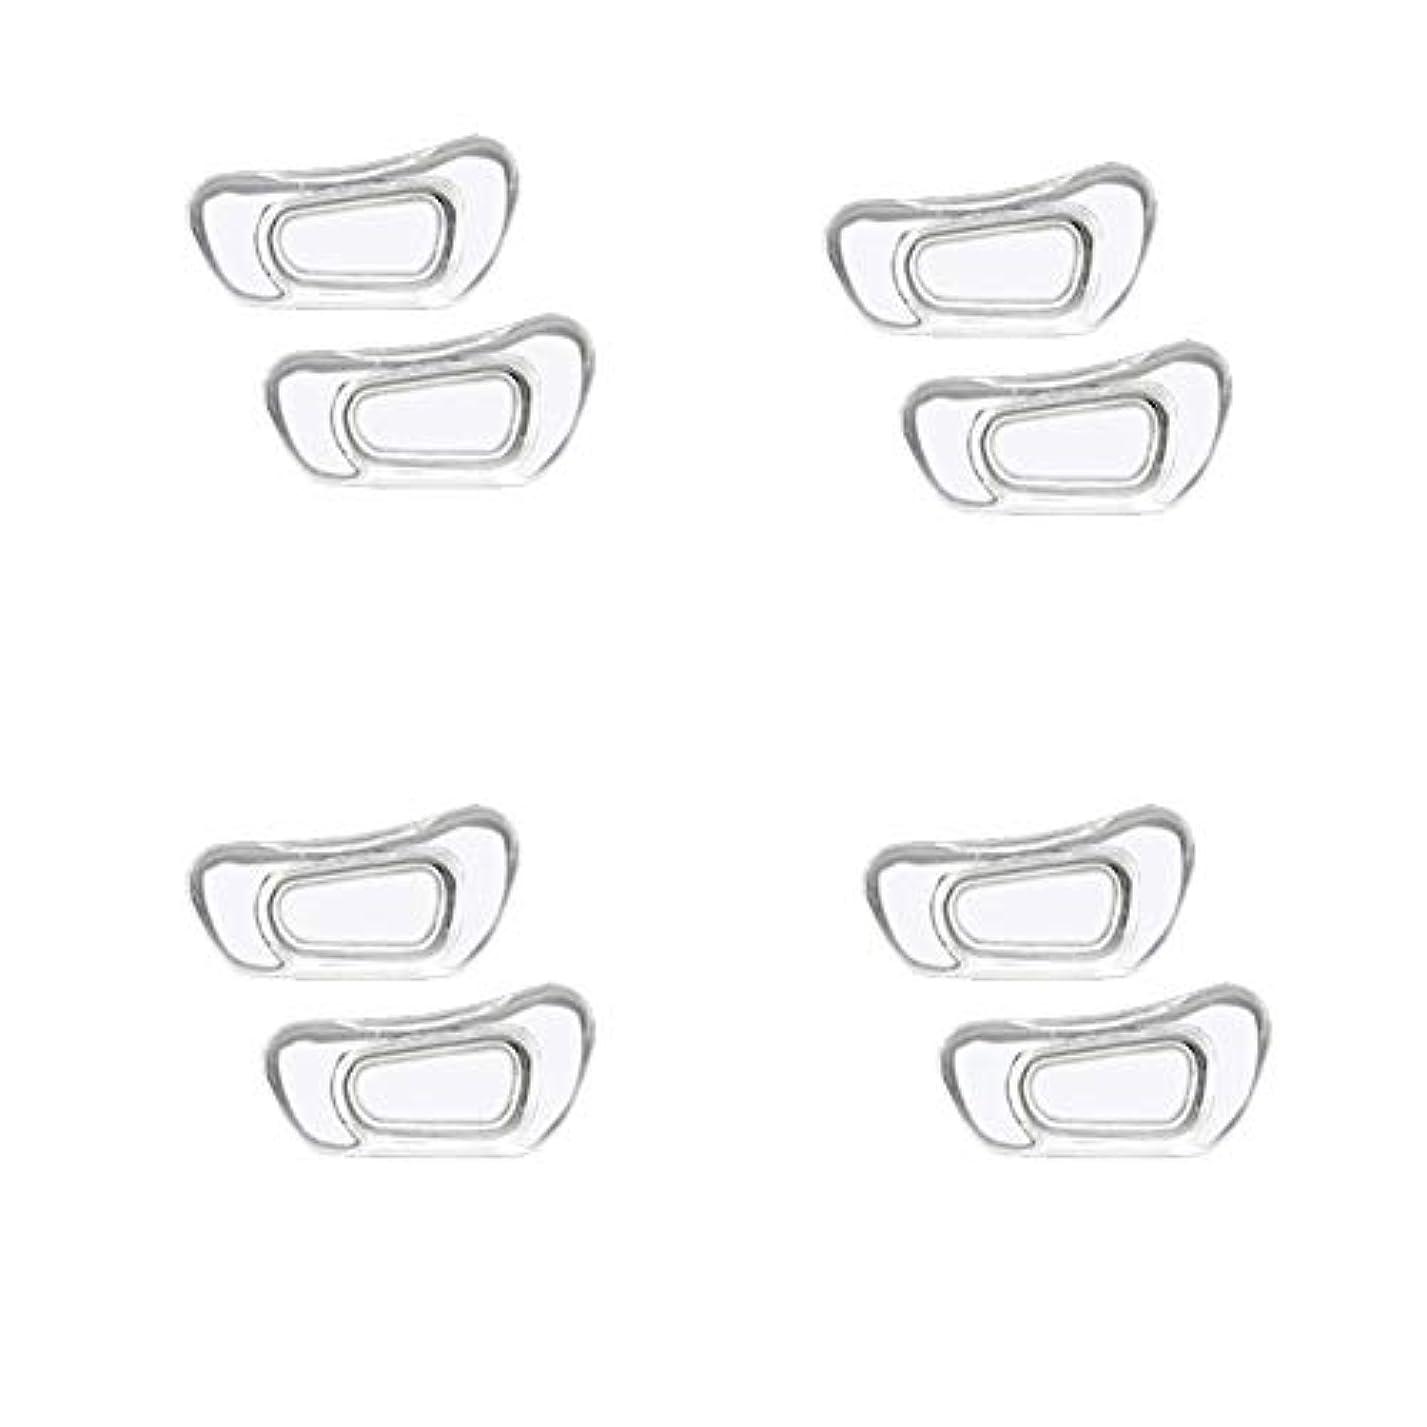 マウントピカソフルーツ野菜Chinashow 4ペア透明シリコーン眼鏡 ノーズパッド - クラスプは#15スーパーソフトノンスリップ鼻パッド 入力します